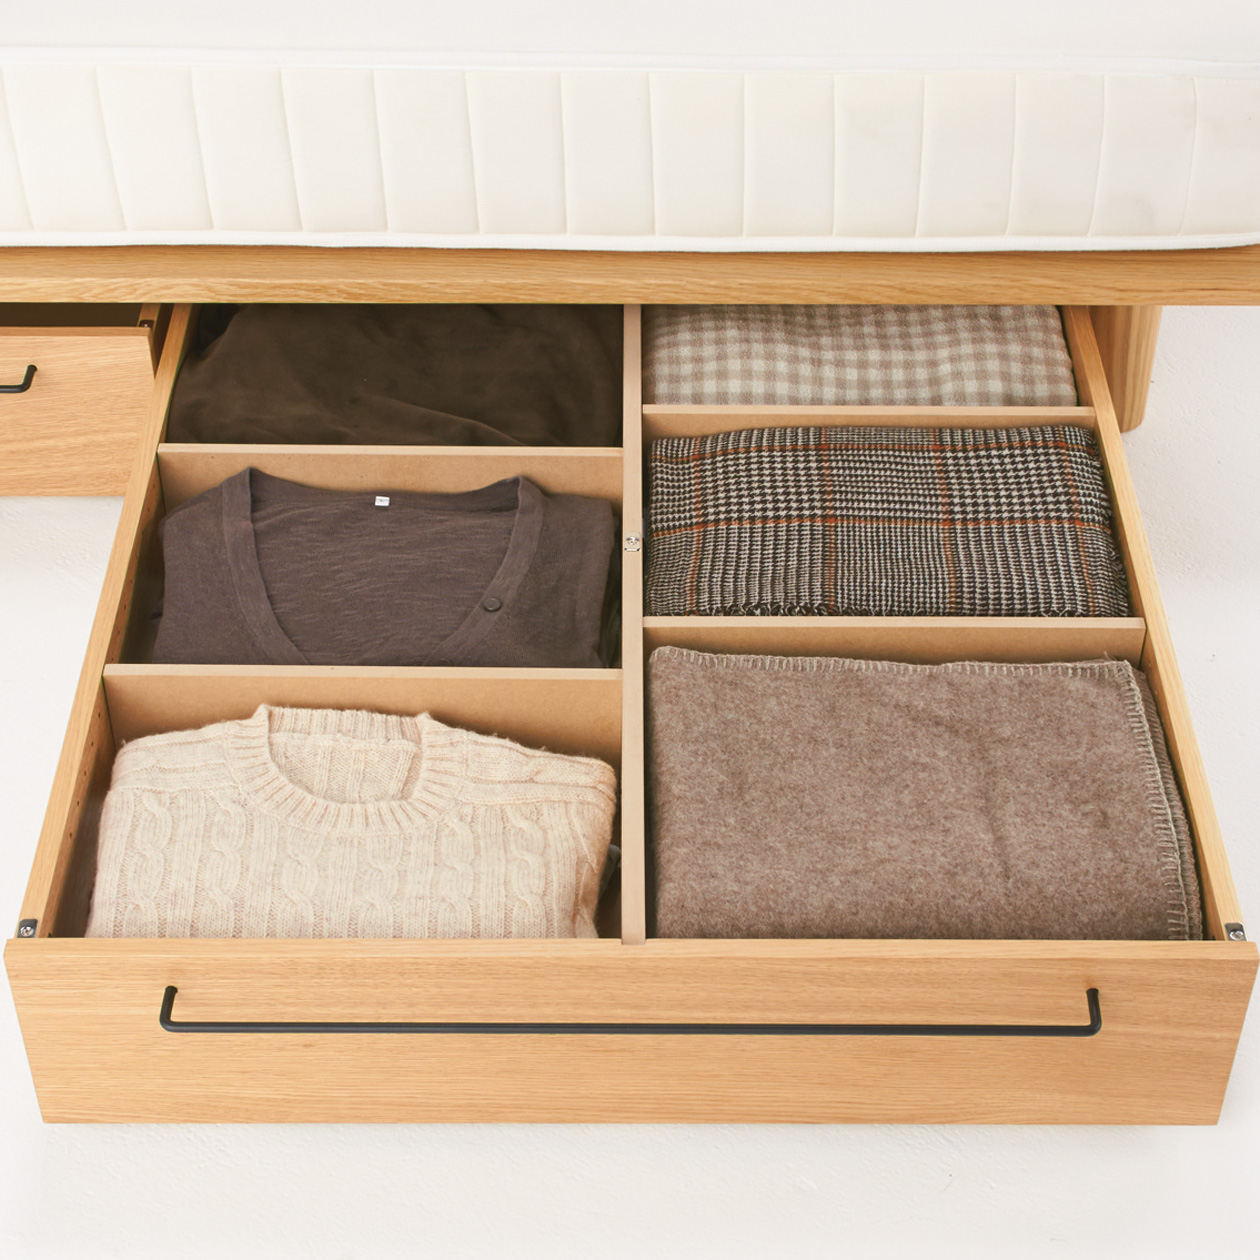 橡木床架用儲物地櫃 - 大   無印良品 MUJI